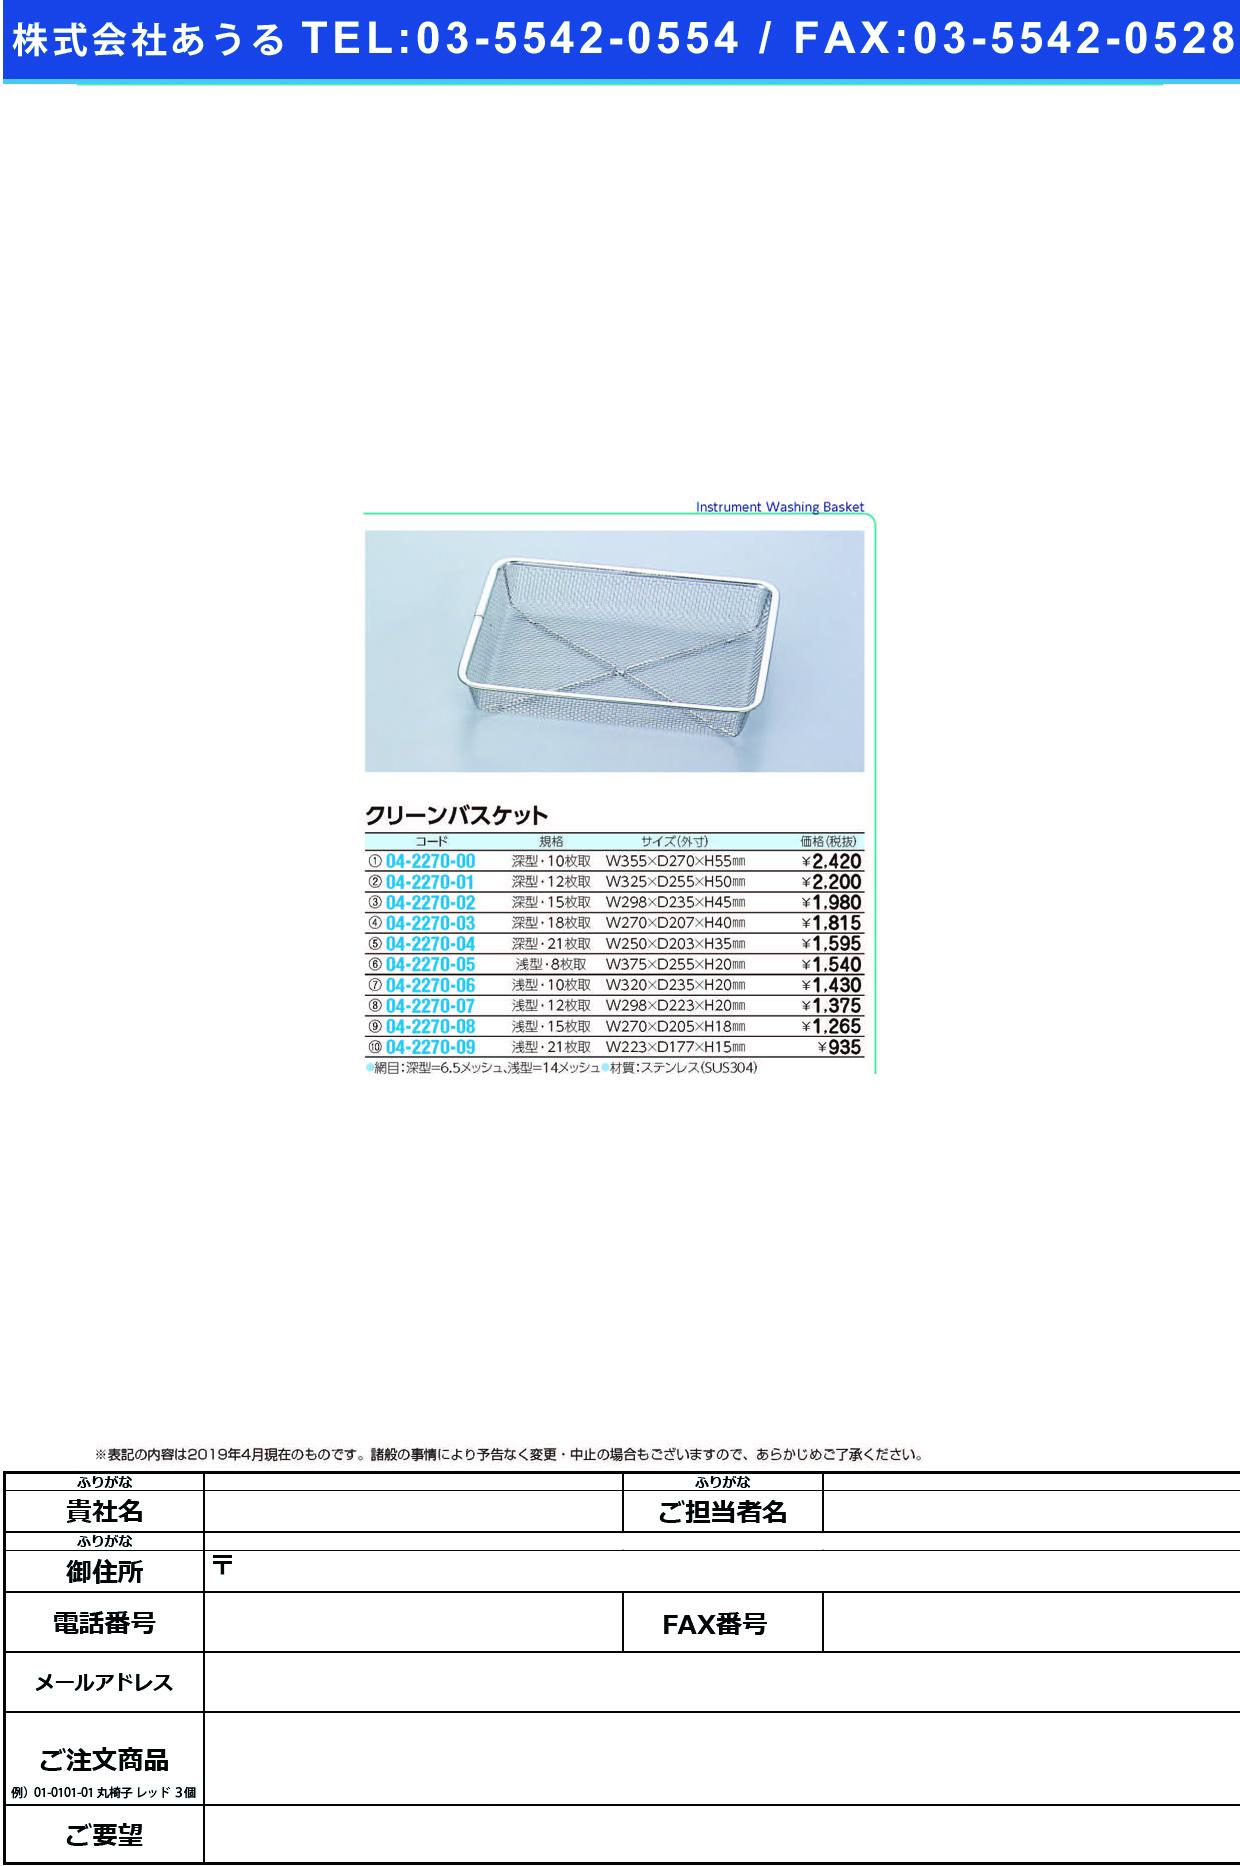 クリーンバスケット深型(18枚取) W270XD207XH40MM クリーンバスケット